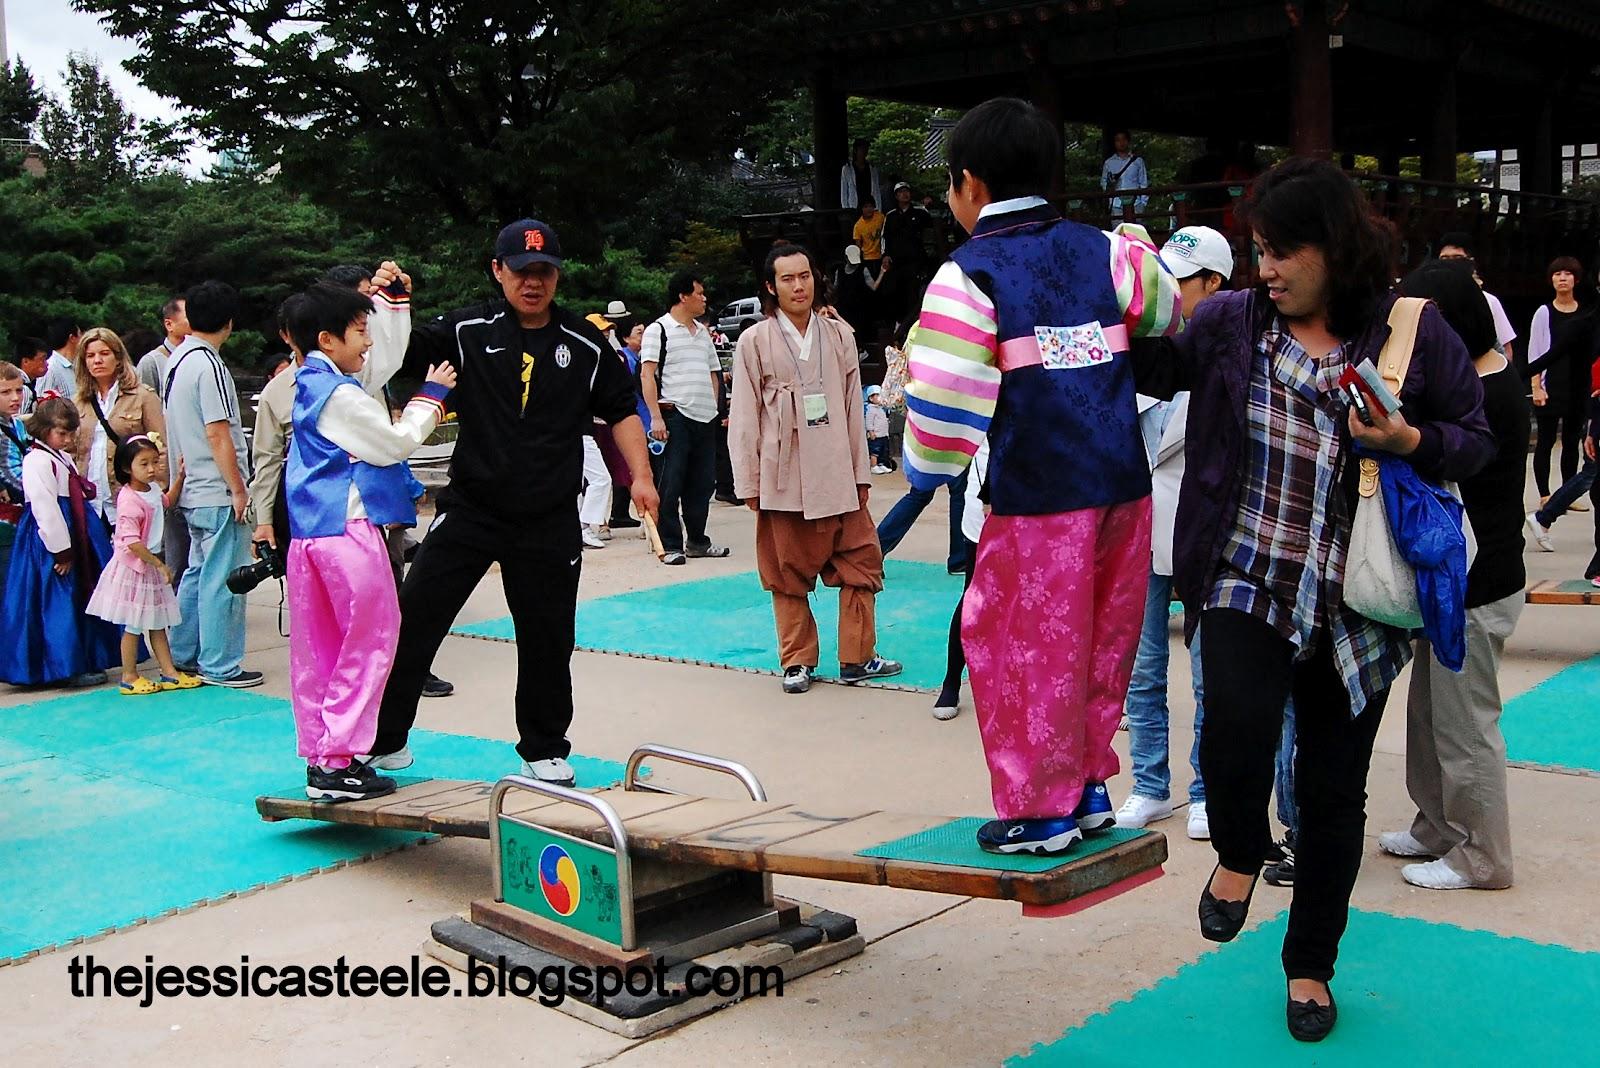 Making the Most of Korean Festivals in 2012 | Koreabridge